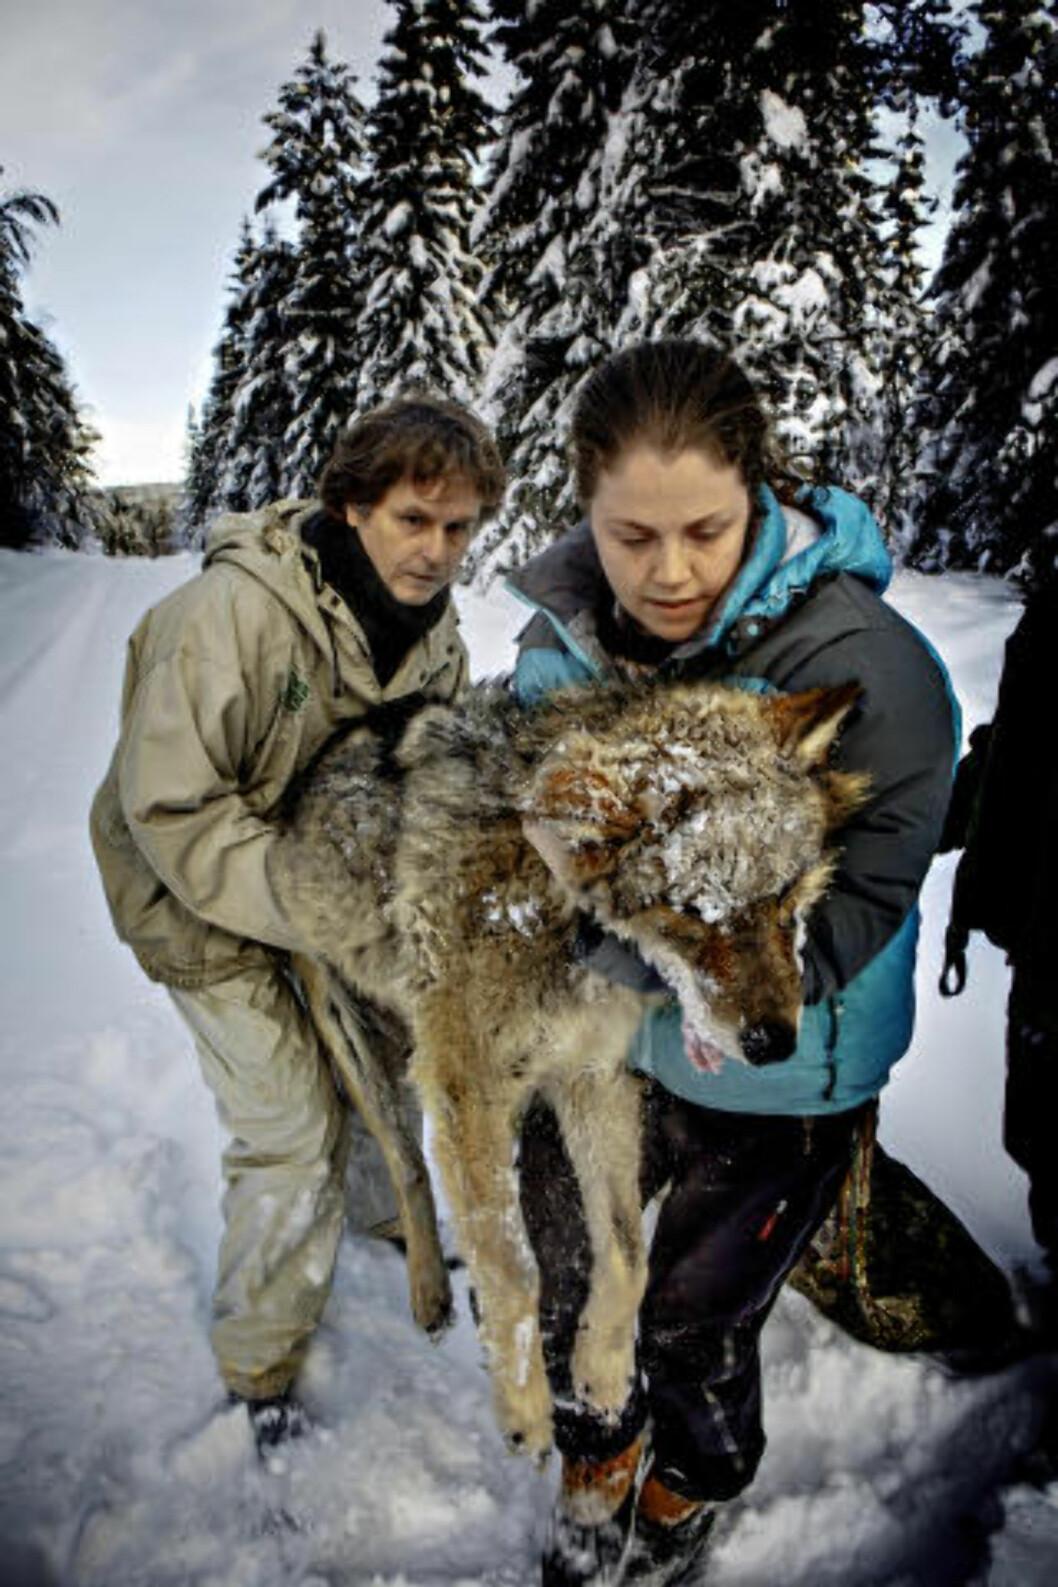 Petter Wabakken og hans team i det skandinaviske forskningsprosjektet SKANDULV, merker 6 ulver fra Slettåsreviret i skogene mellom Elverum og Trysil. Aldri tidligere har så mange ulver blitt merket samtidig i Norge. Her Petter Wabakken og vetrinær Alina Evans  Foto: Jørn H. Moen / Dagbladet